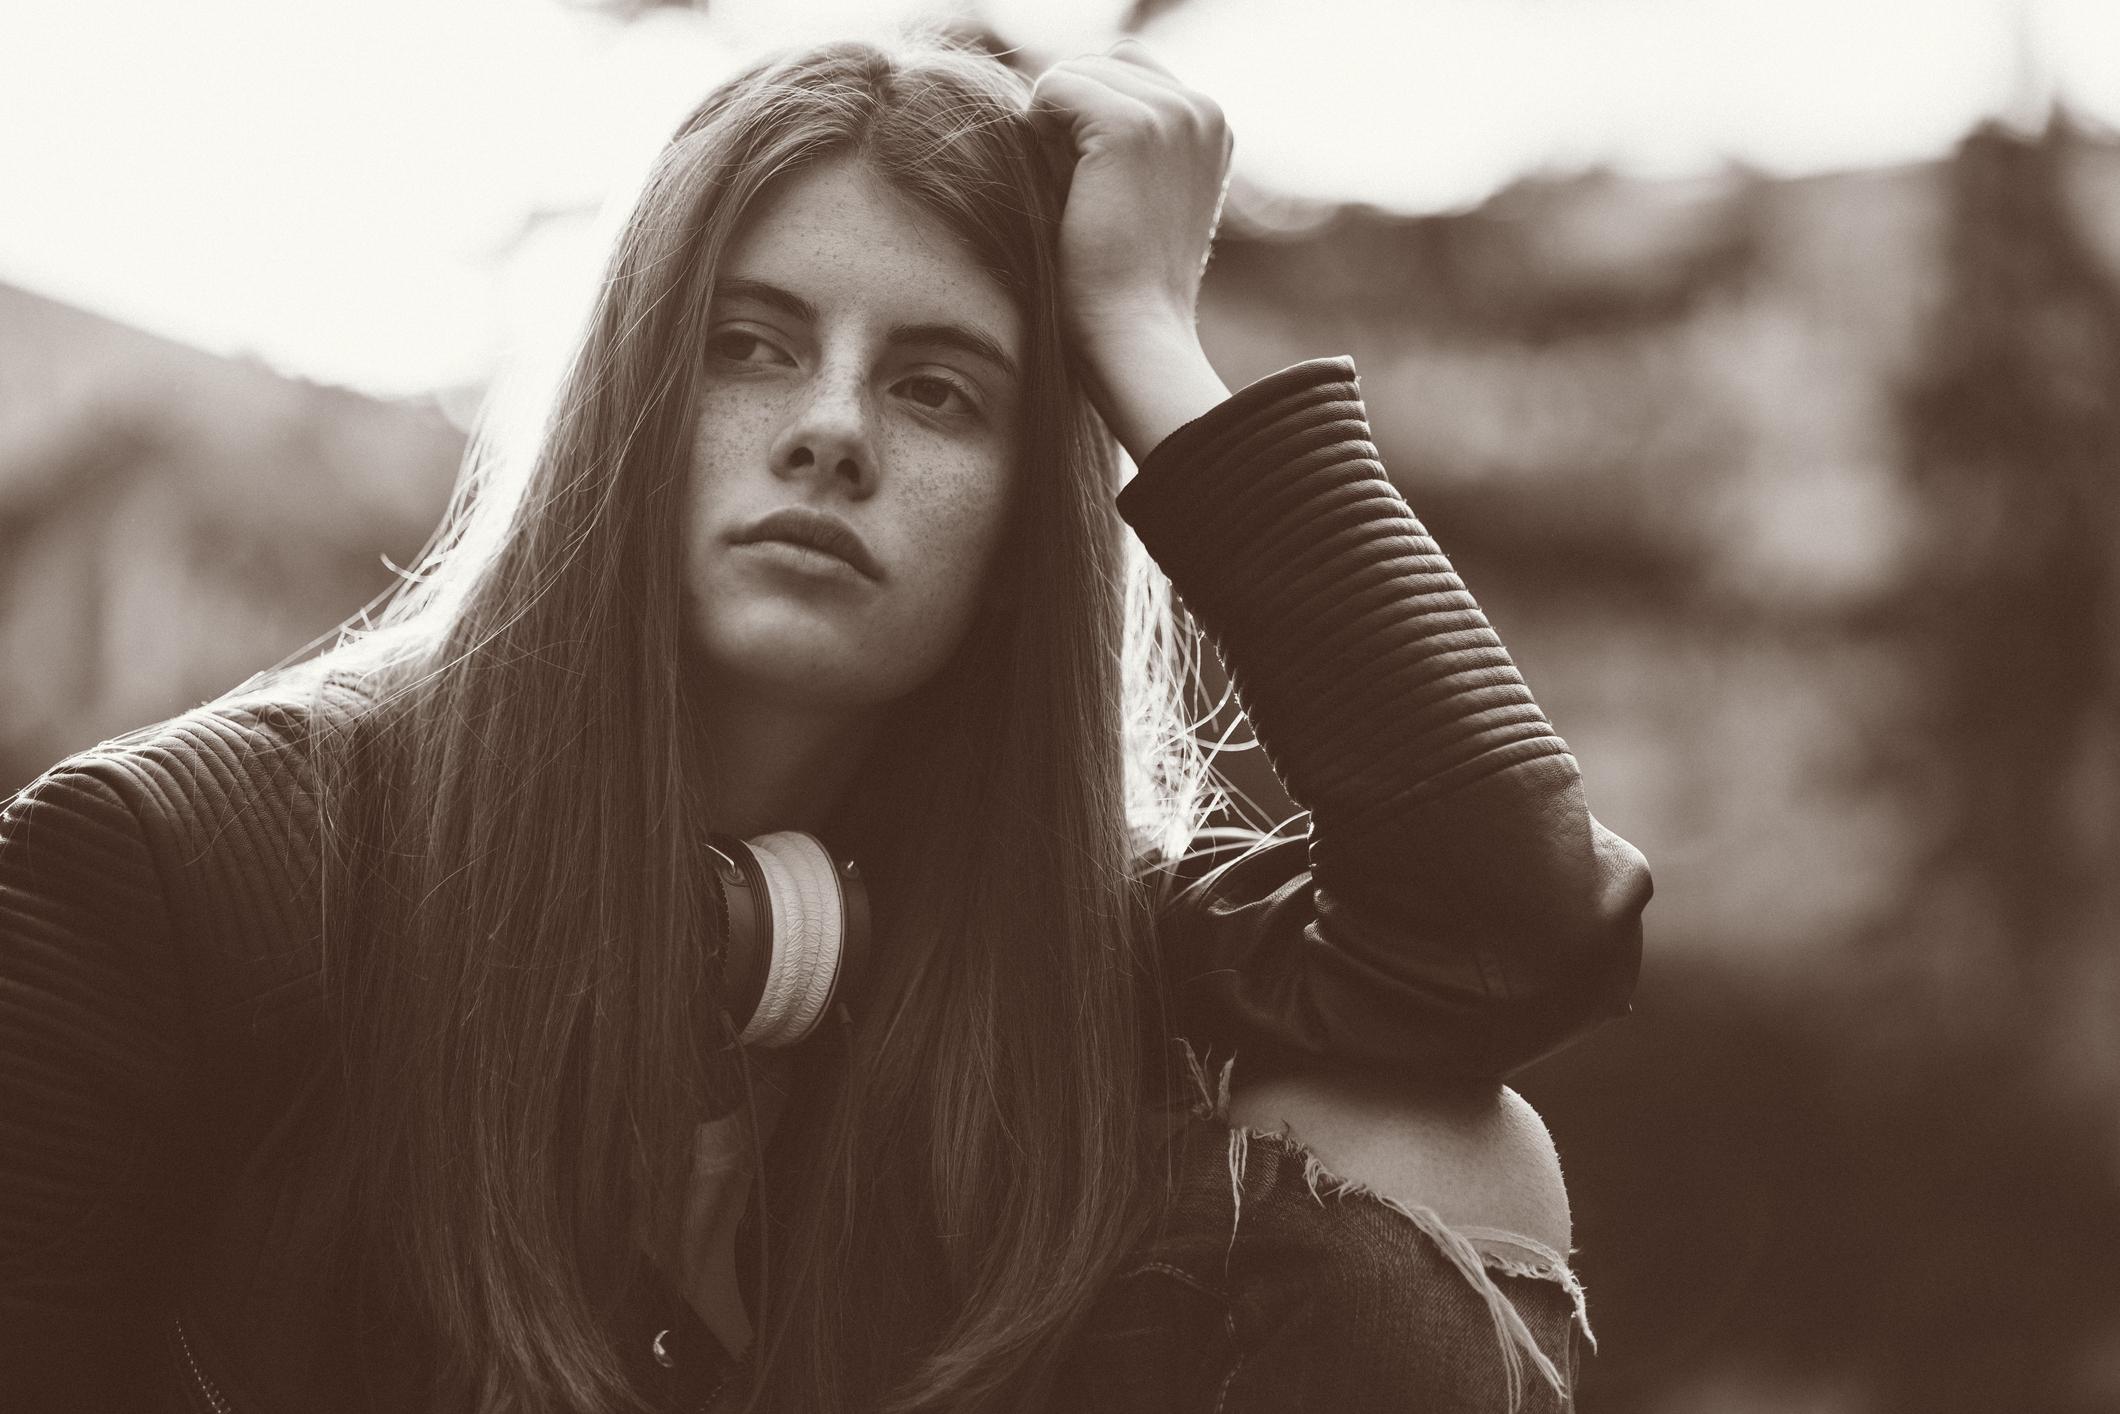 لماذا نلجأ عند الحزن إلى الموسيقى الحزينة - أغنية تبعث على السعادة والنشاط - التخلص من التشاؤم - الخروج من حالة الحزن - الترويح عن النفس